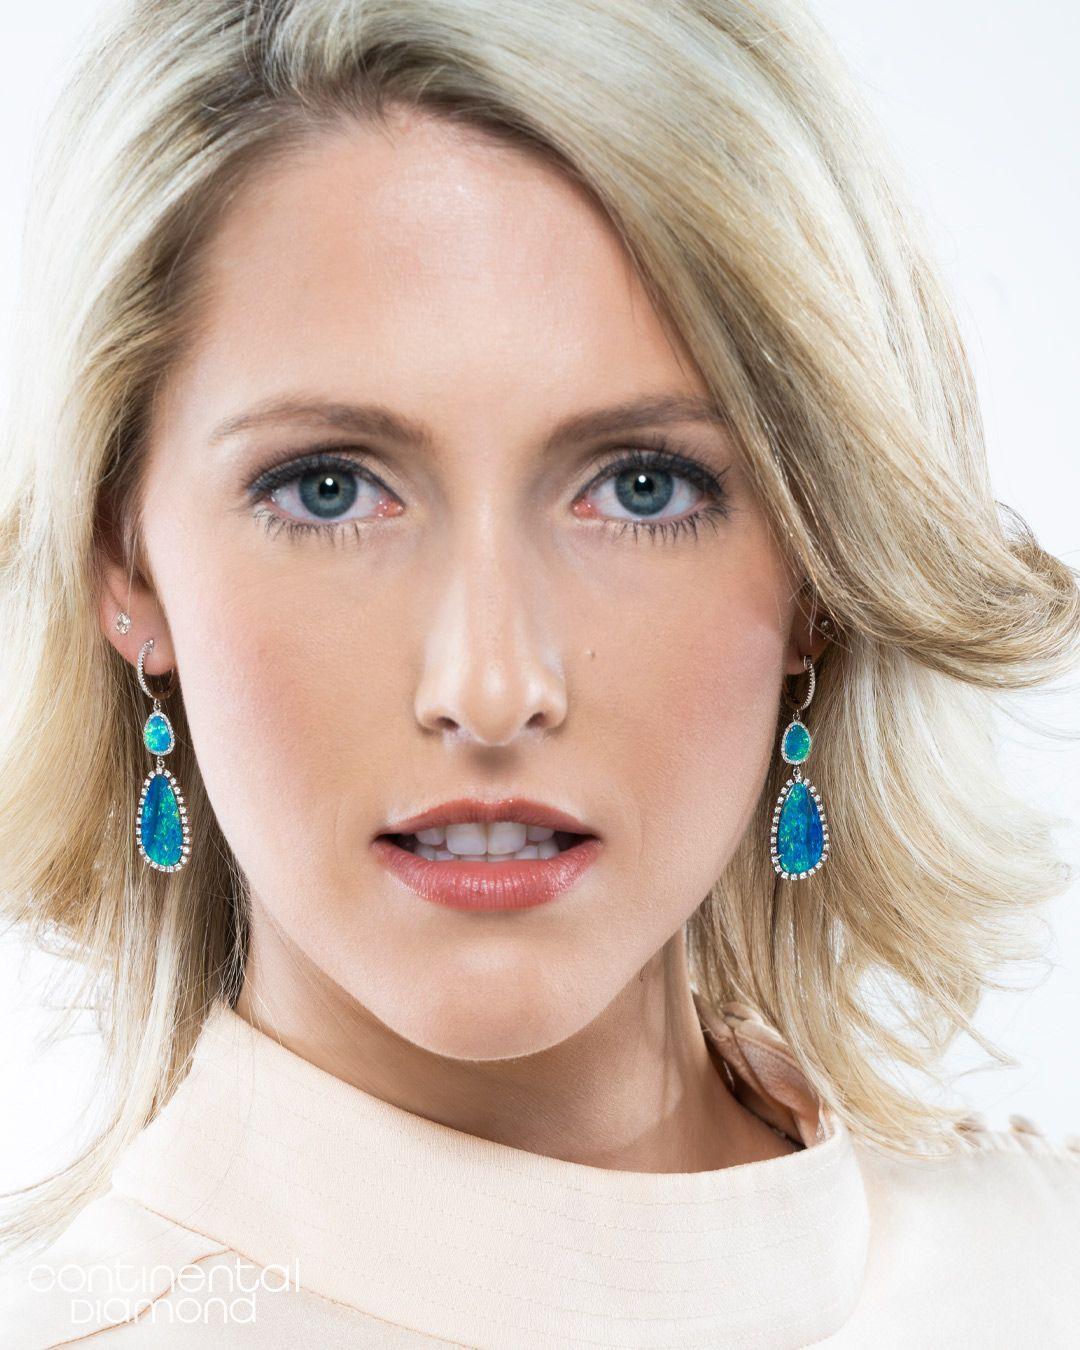 14kt White Gold Huggie Double Diamond Halo Drop Earrings With Opals At Continental Diamond Continenetaldiamond Mpls Mn Stlouispark In 2020 Opal Earrings Earrings